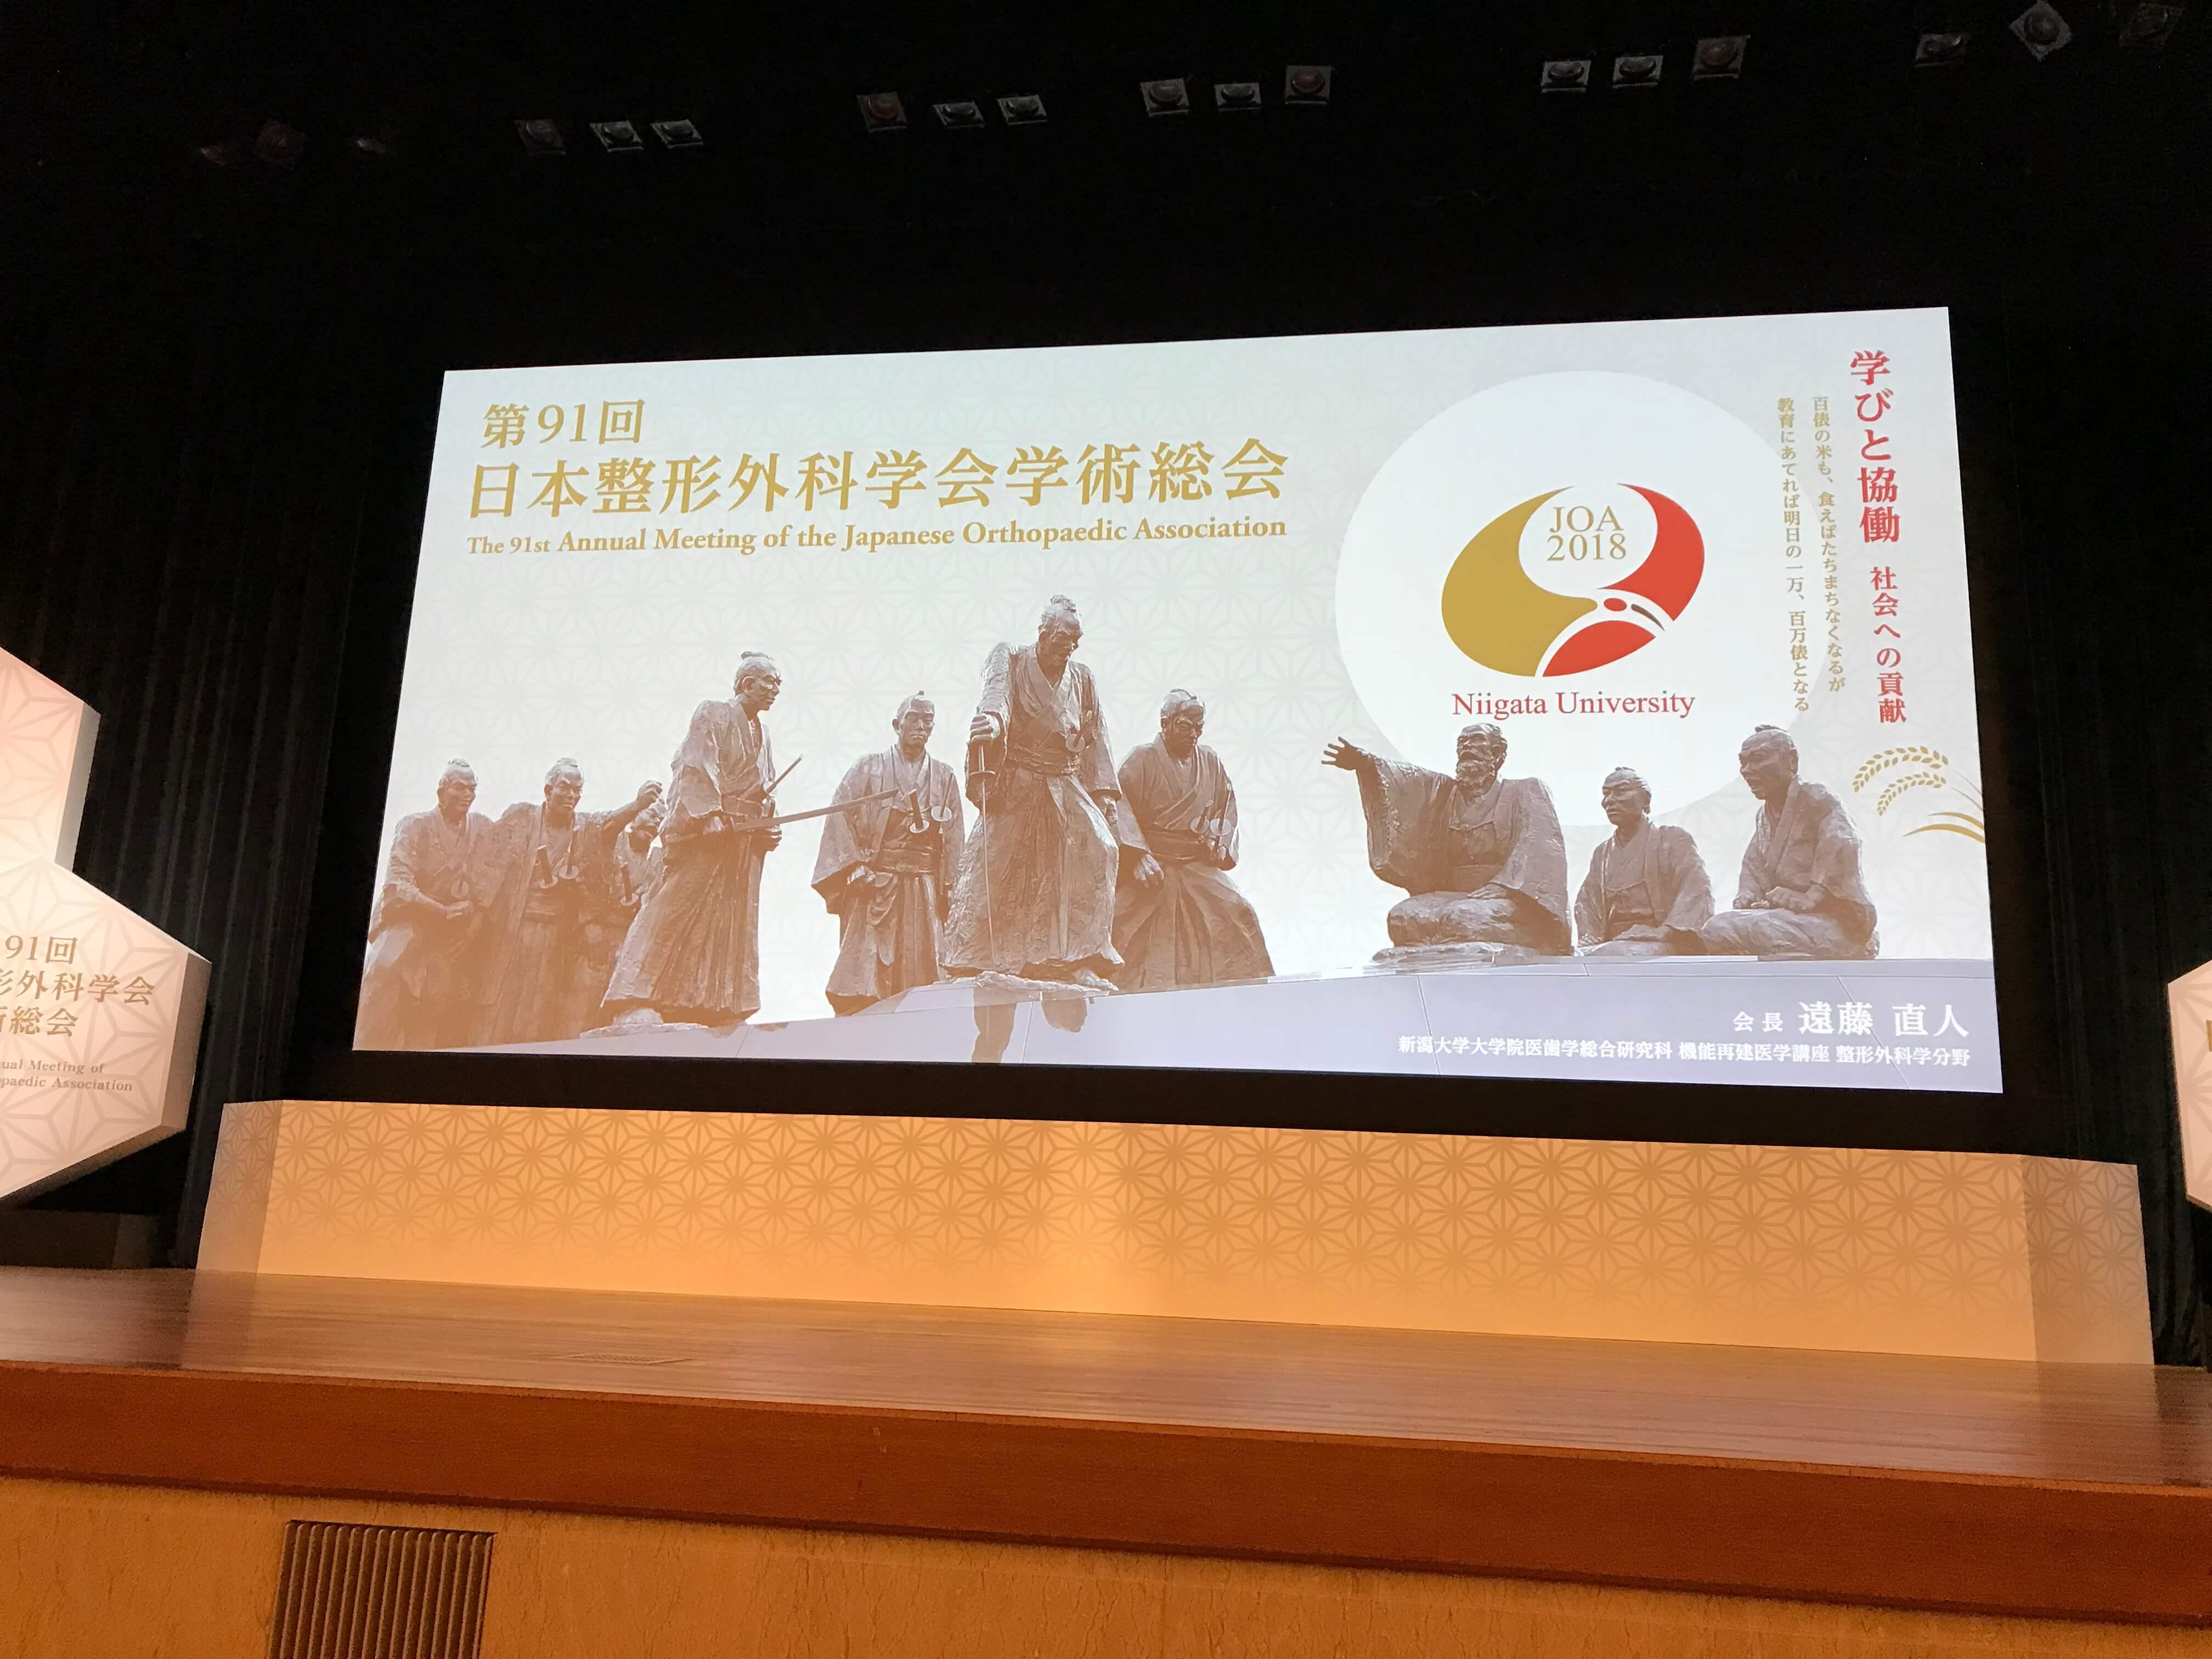 日本整形外科学会学術総会2018